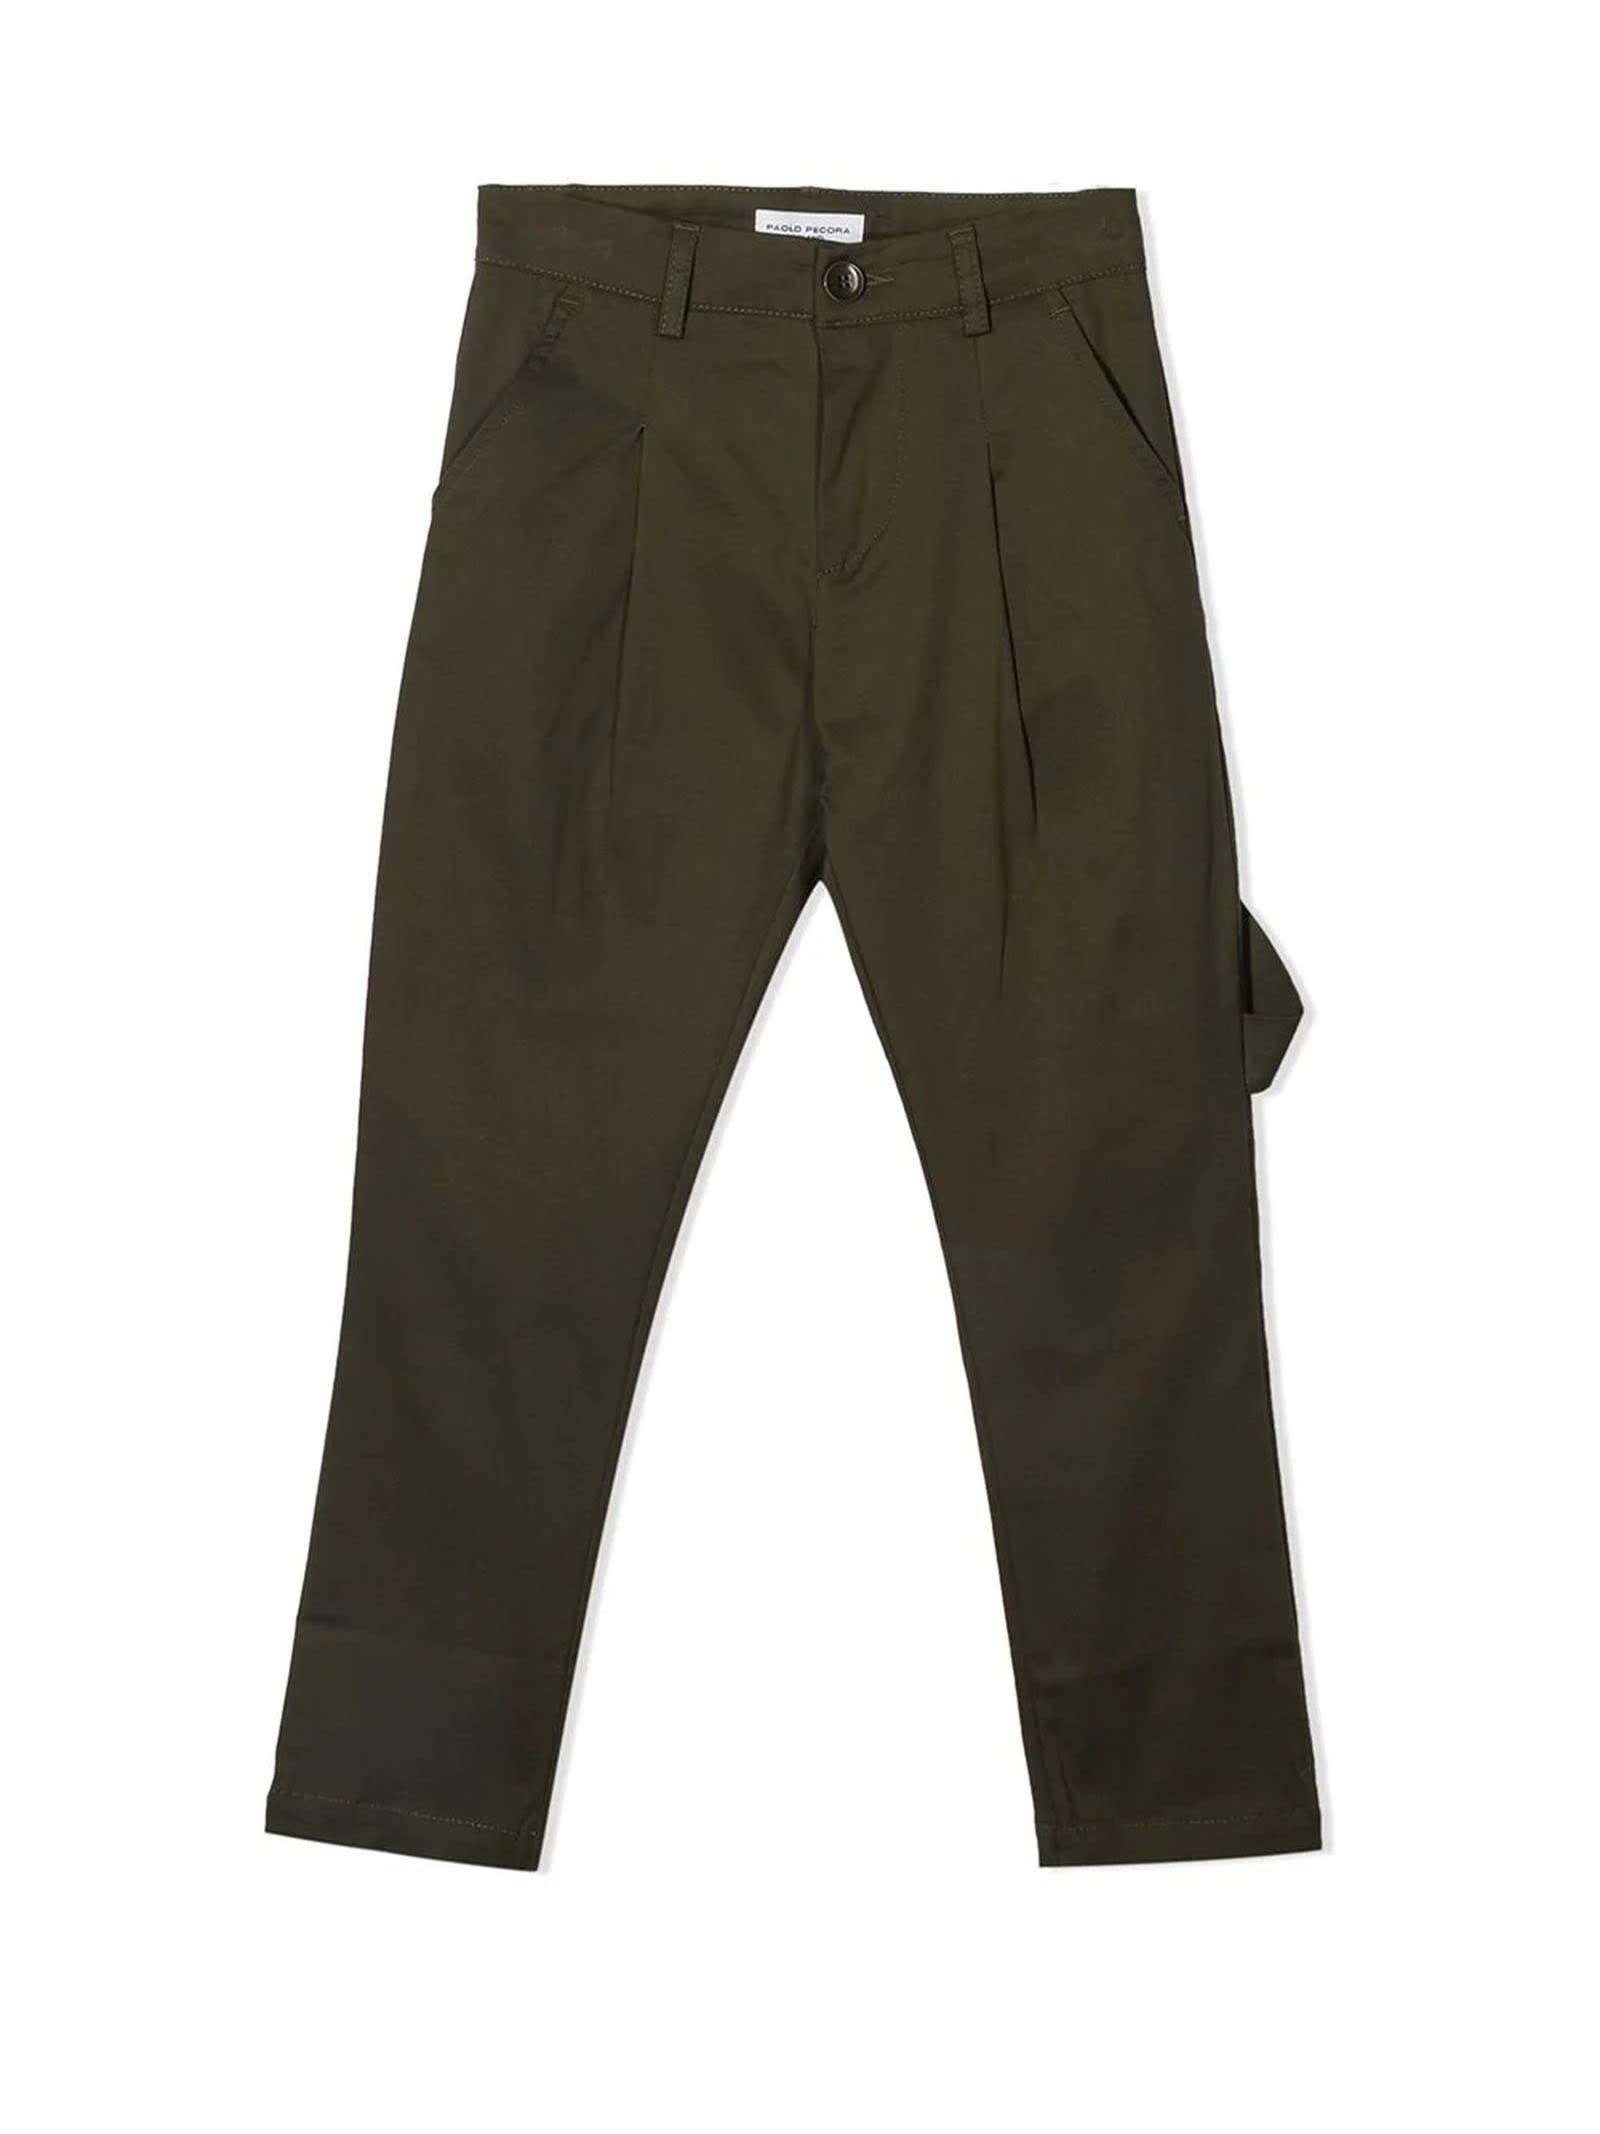 Paolo Pecora Green Cotton Trousers